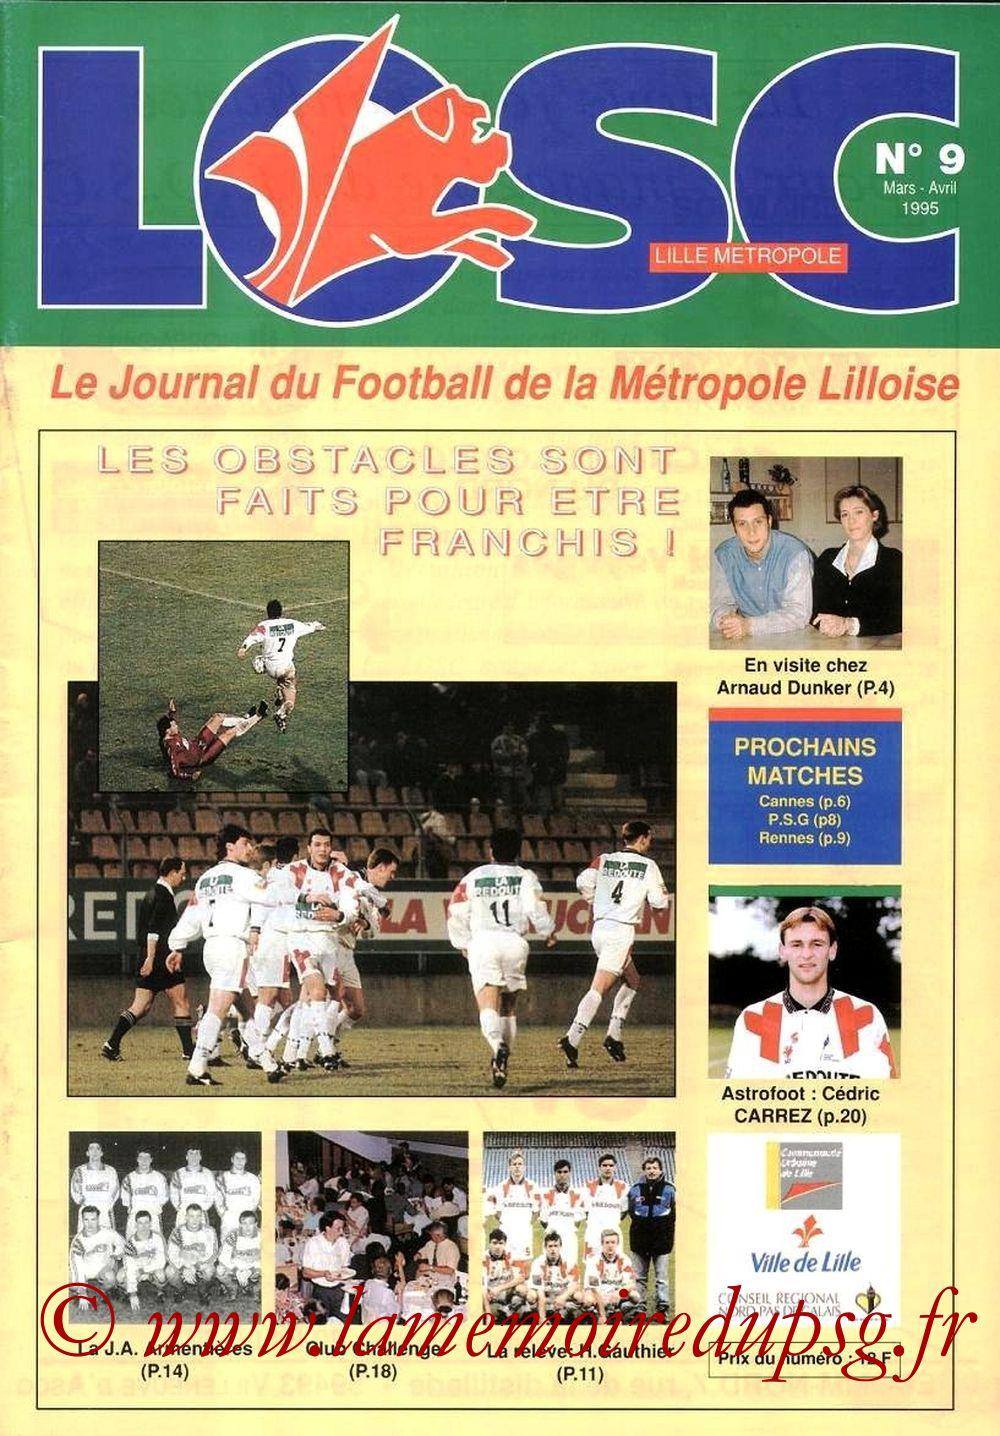 1995-03-22  Lille-PSG (30ème D1, LOSC N°9)